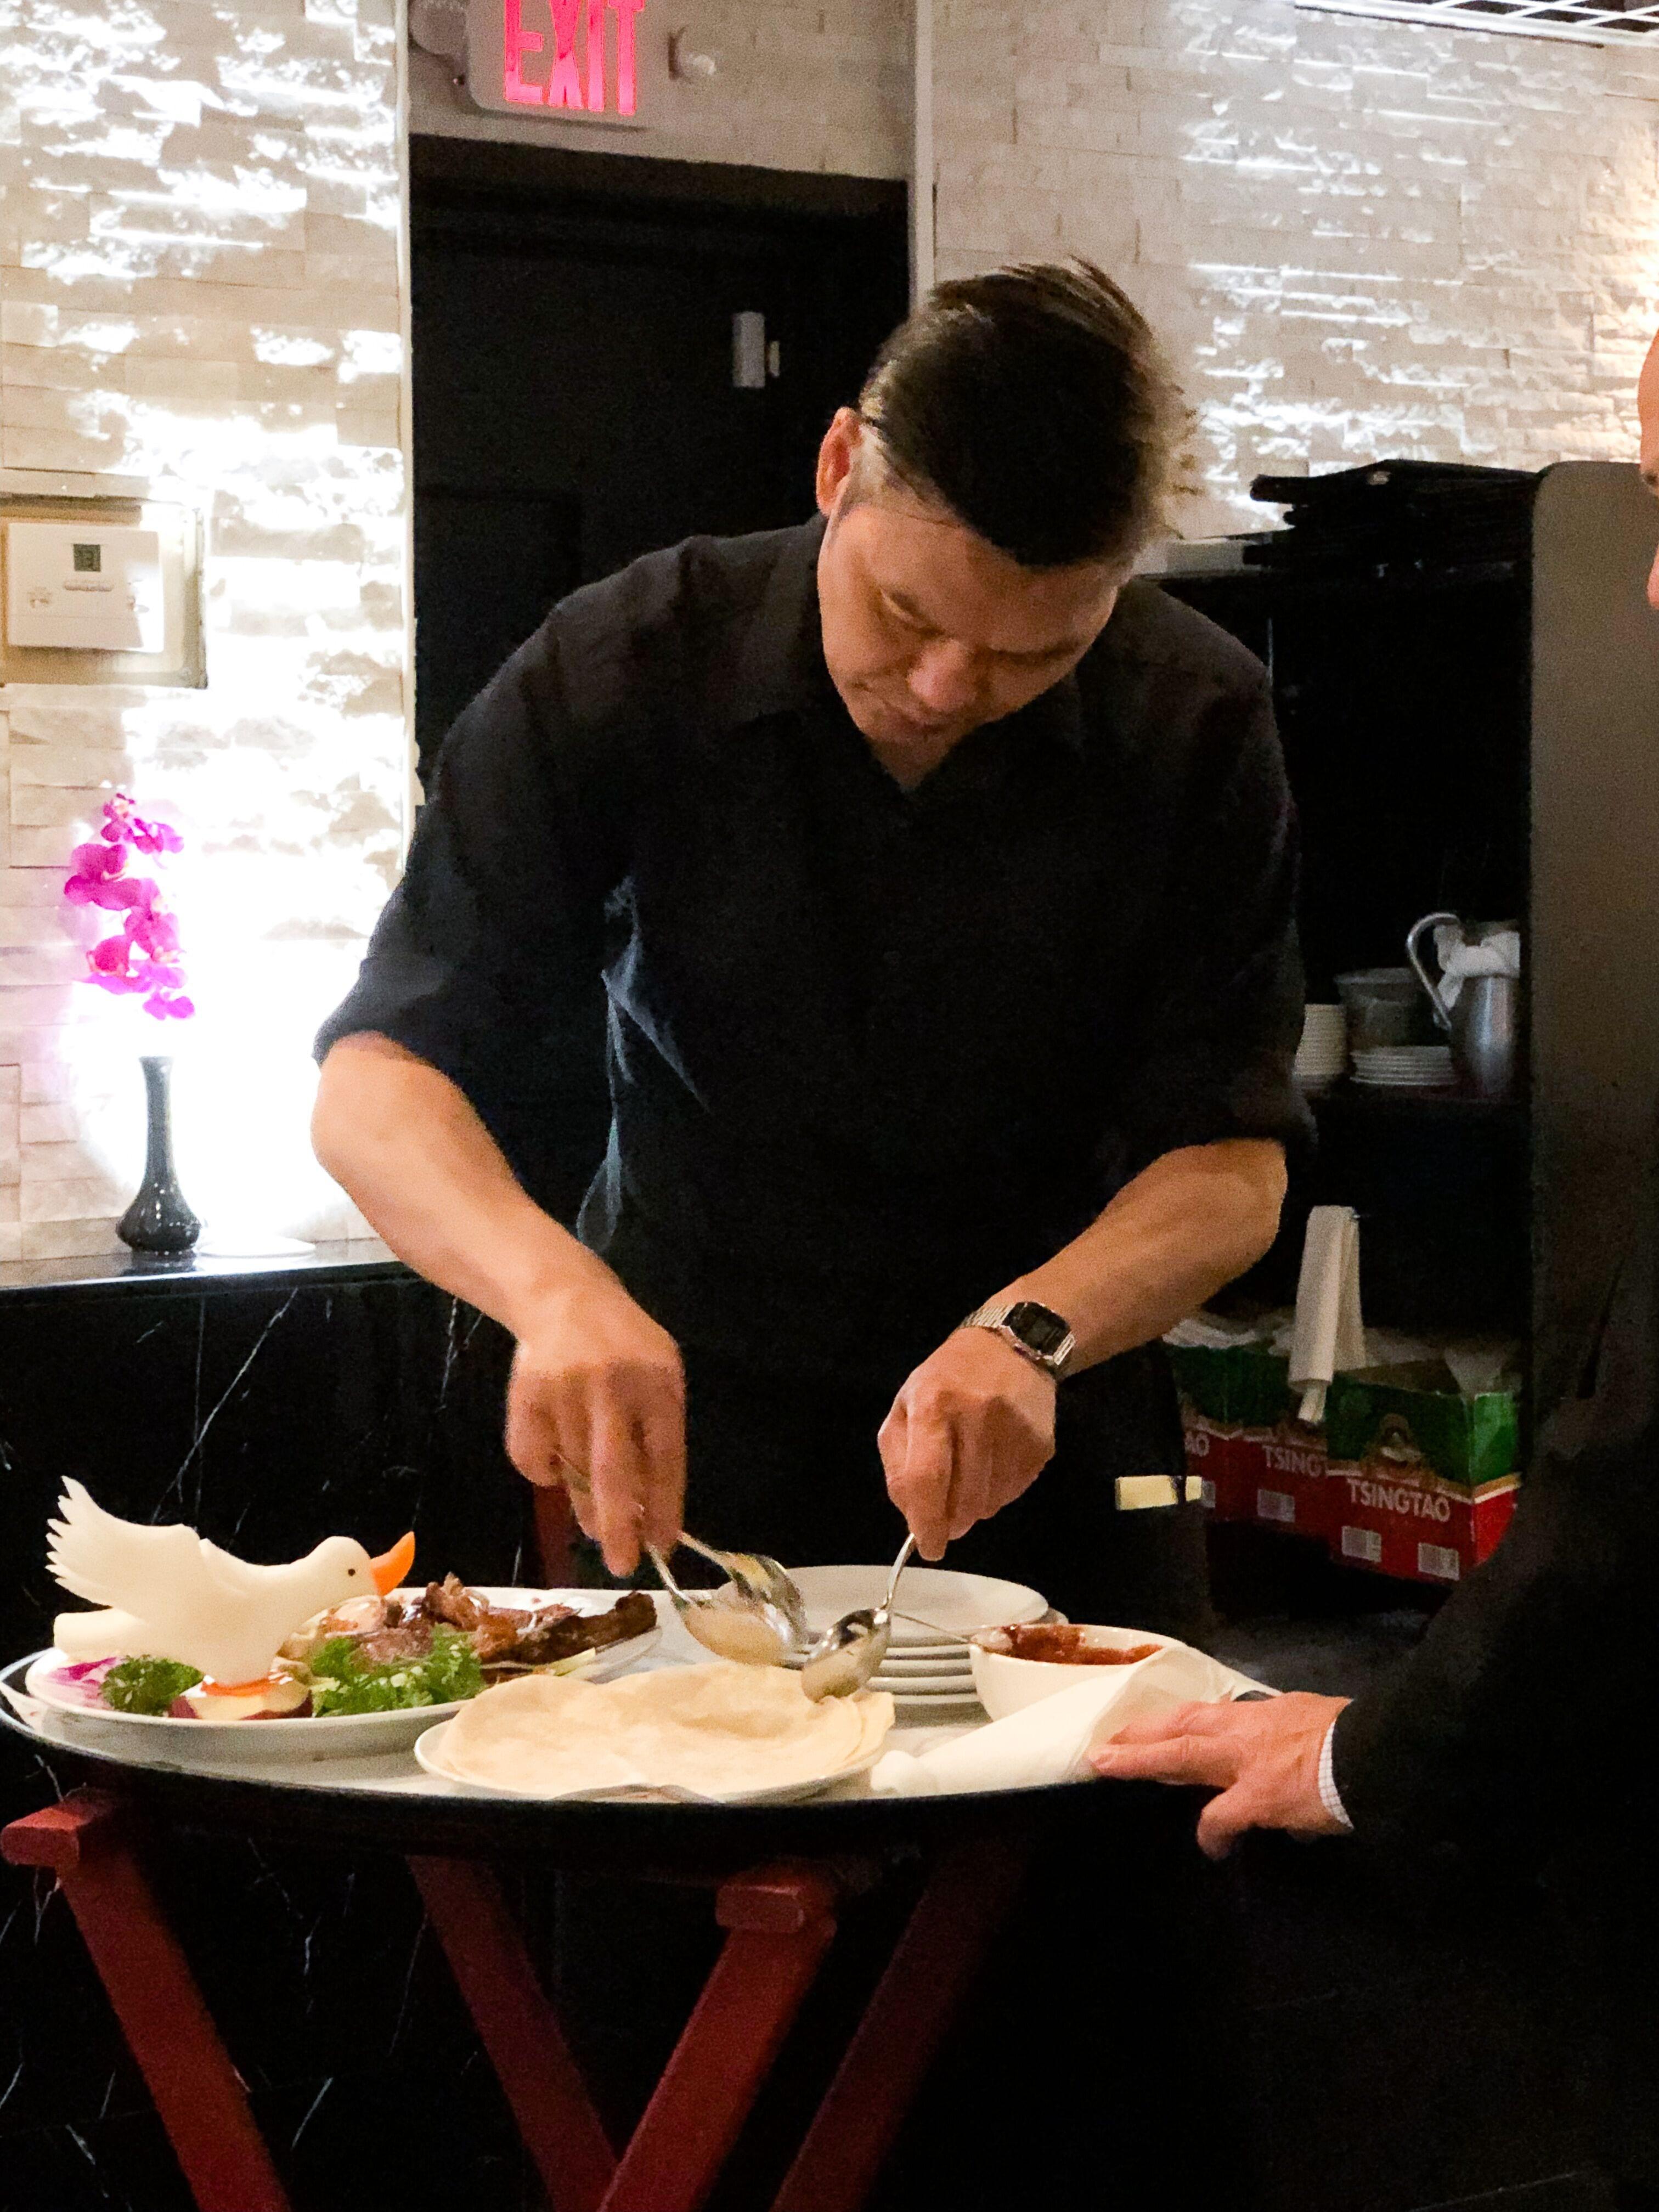 Chef Yang Preparing Meal